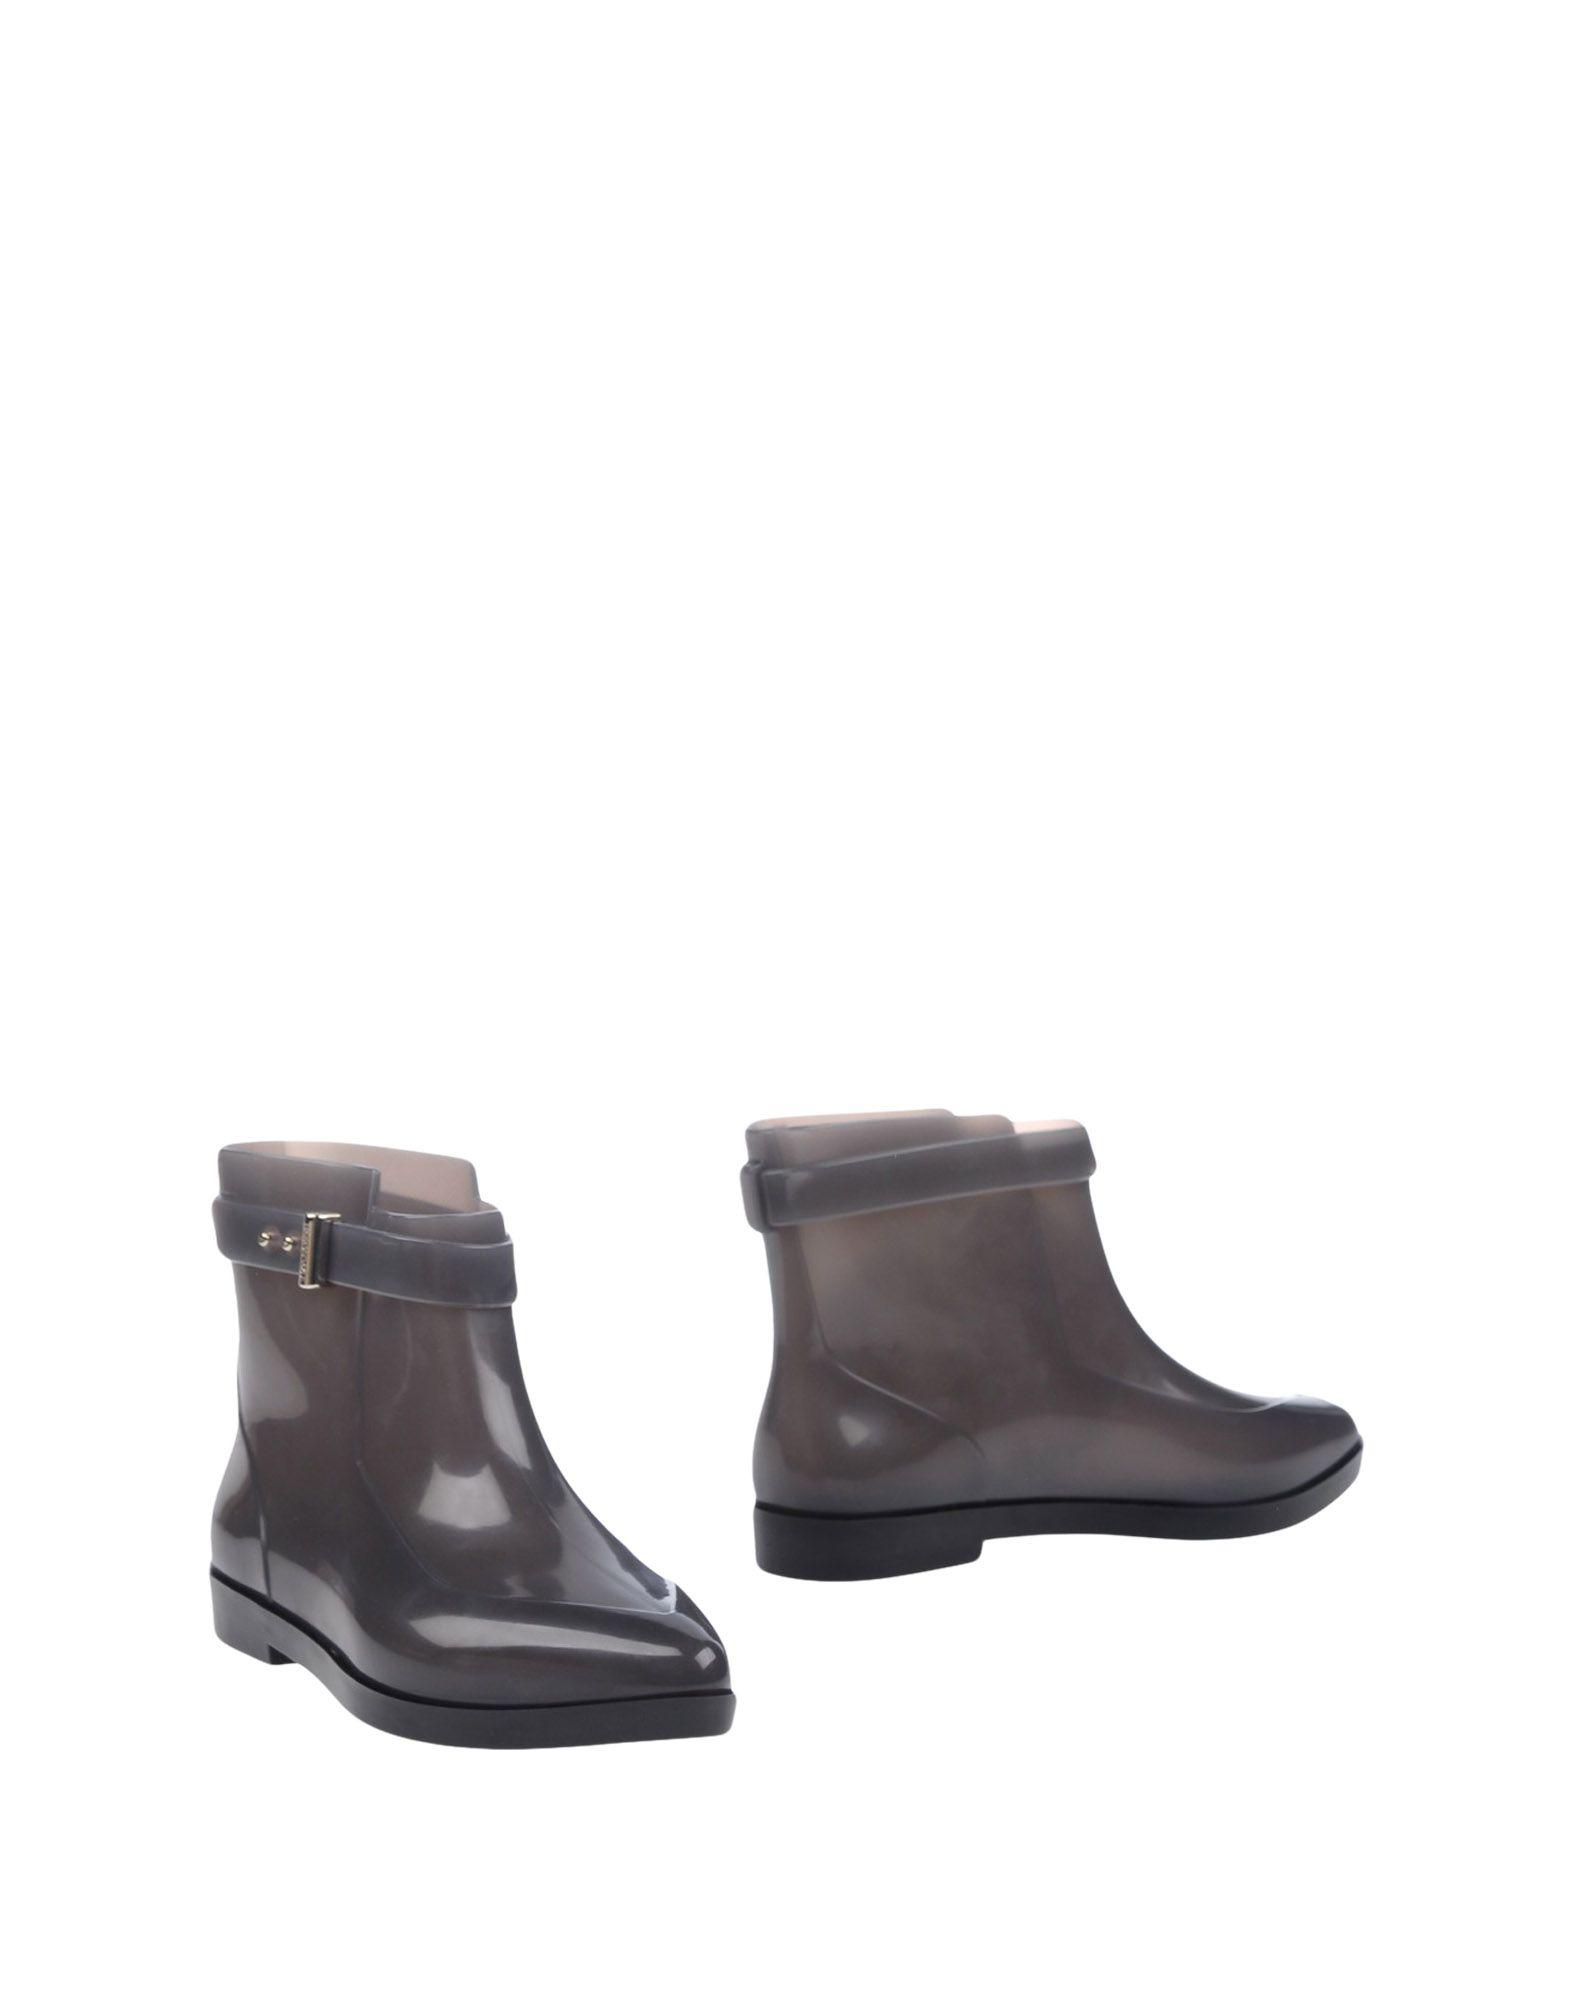 MELISSA + JASON WU Полусапоги и высокие ботинки резиновые полусапоги melissa melissa me485agcqzc8